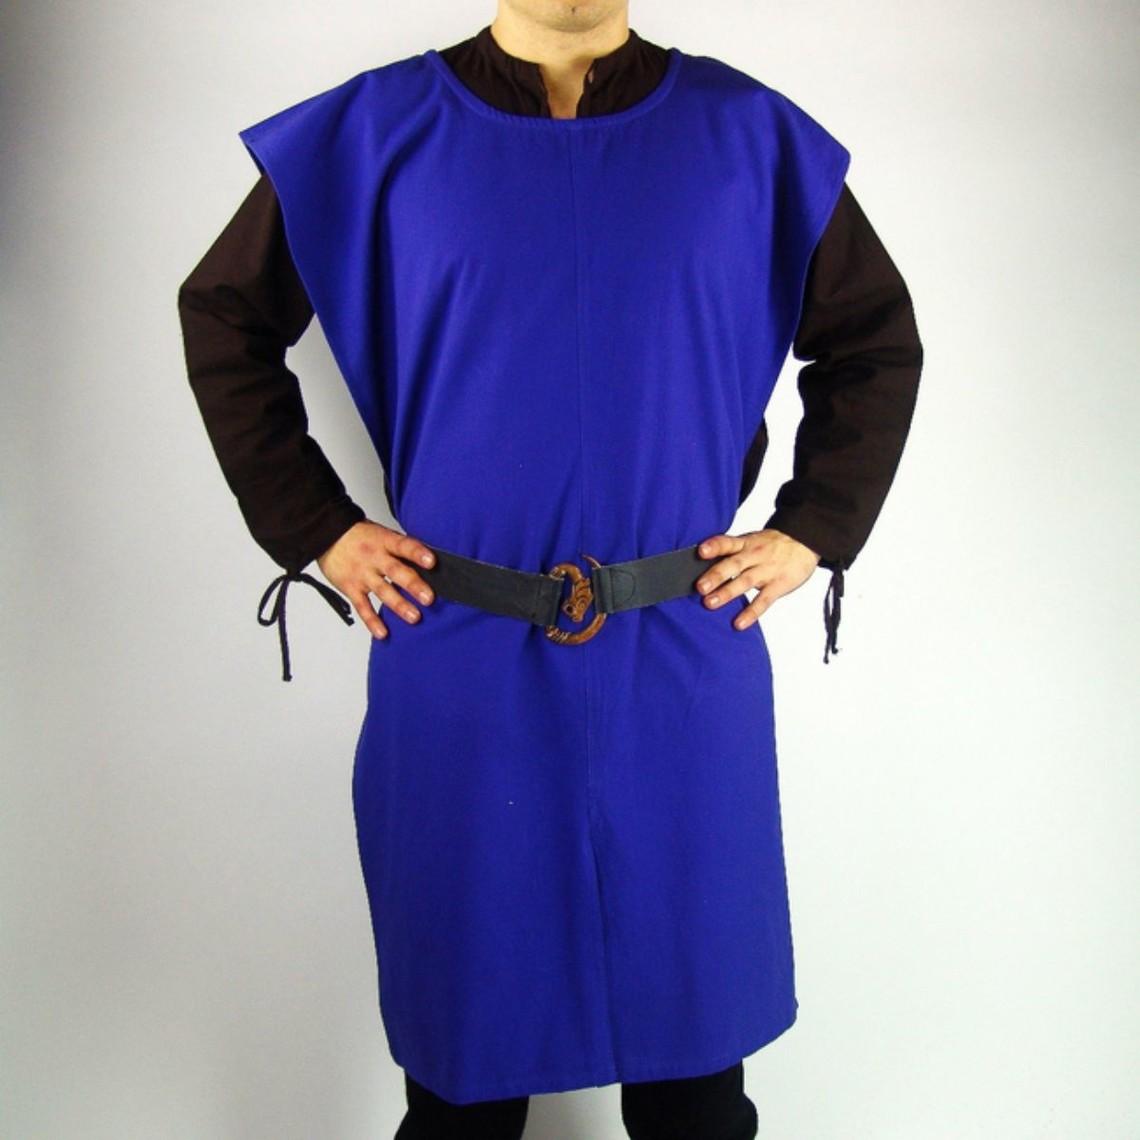 Leonardo Carbone Sobreveste hombres, azul